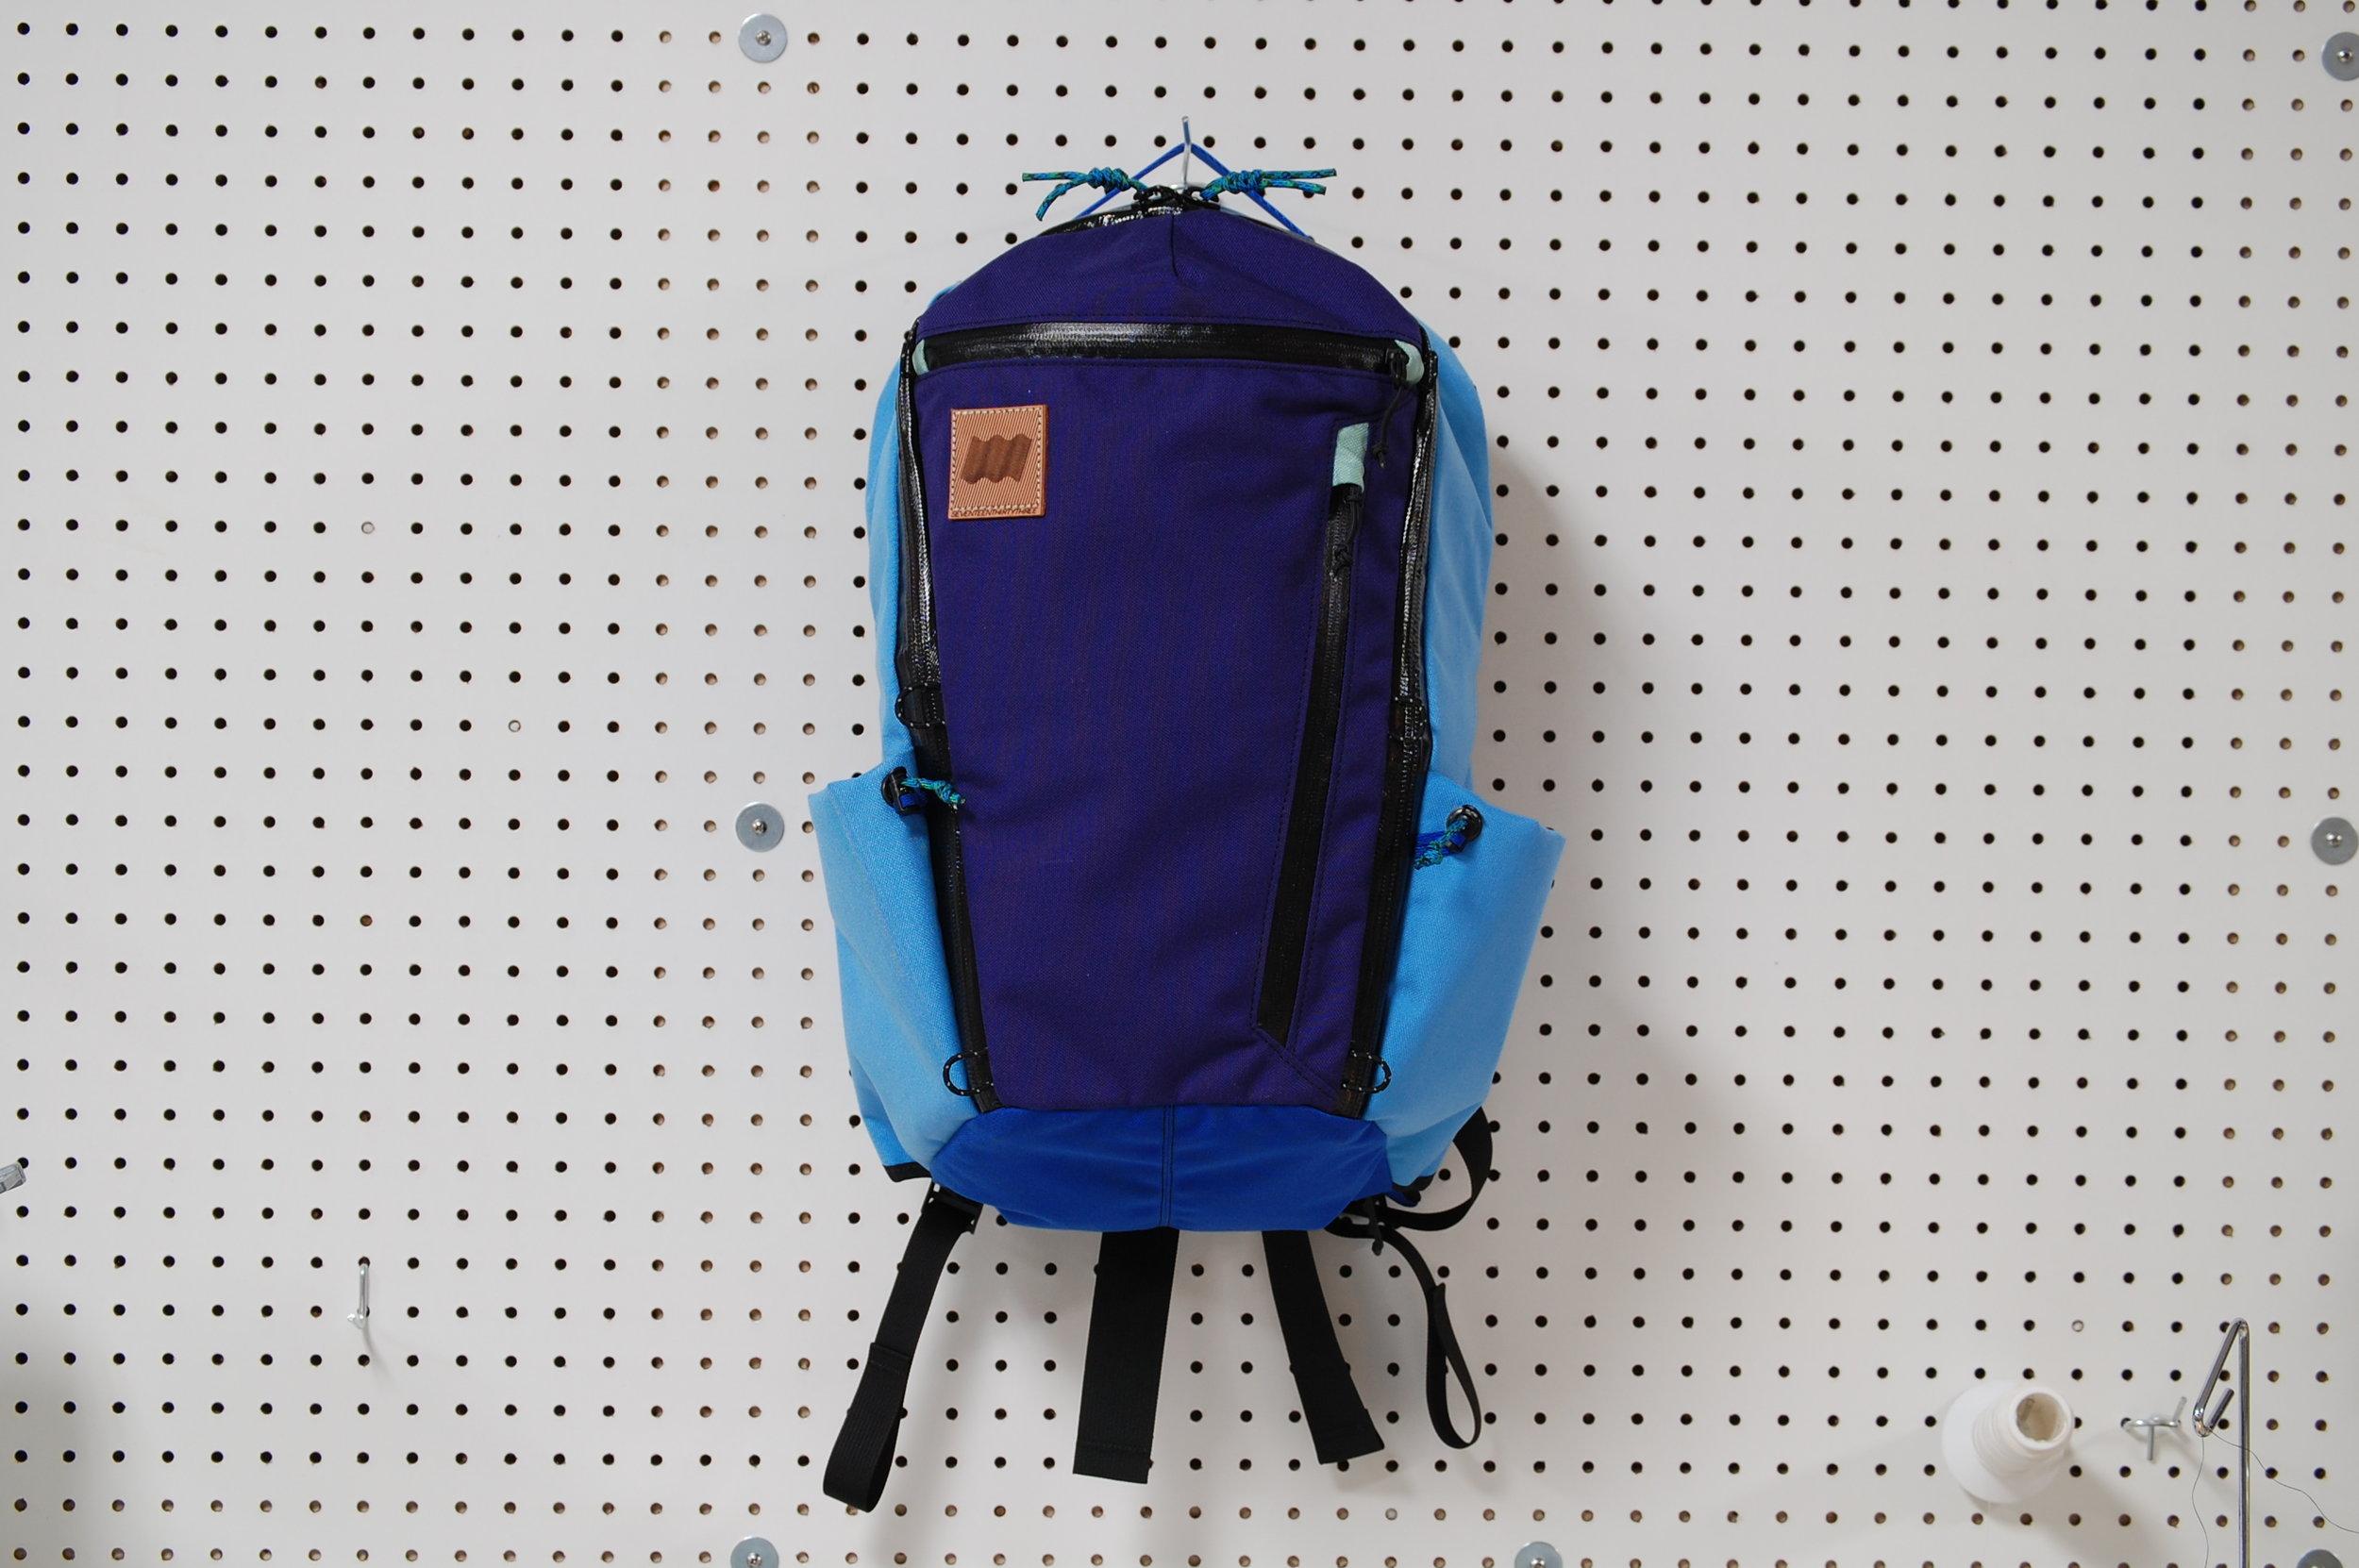 1000D Cordura daypack prototype